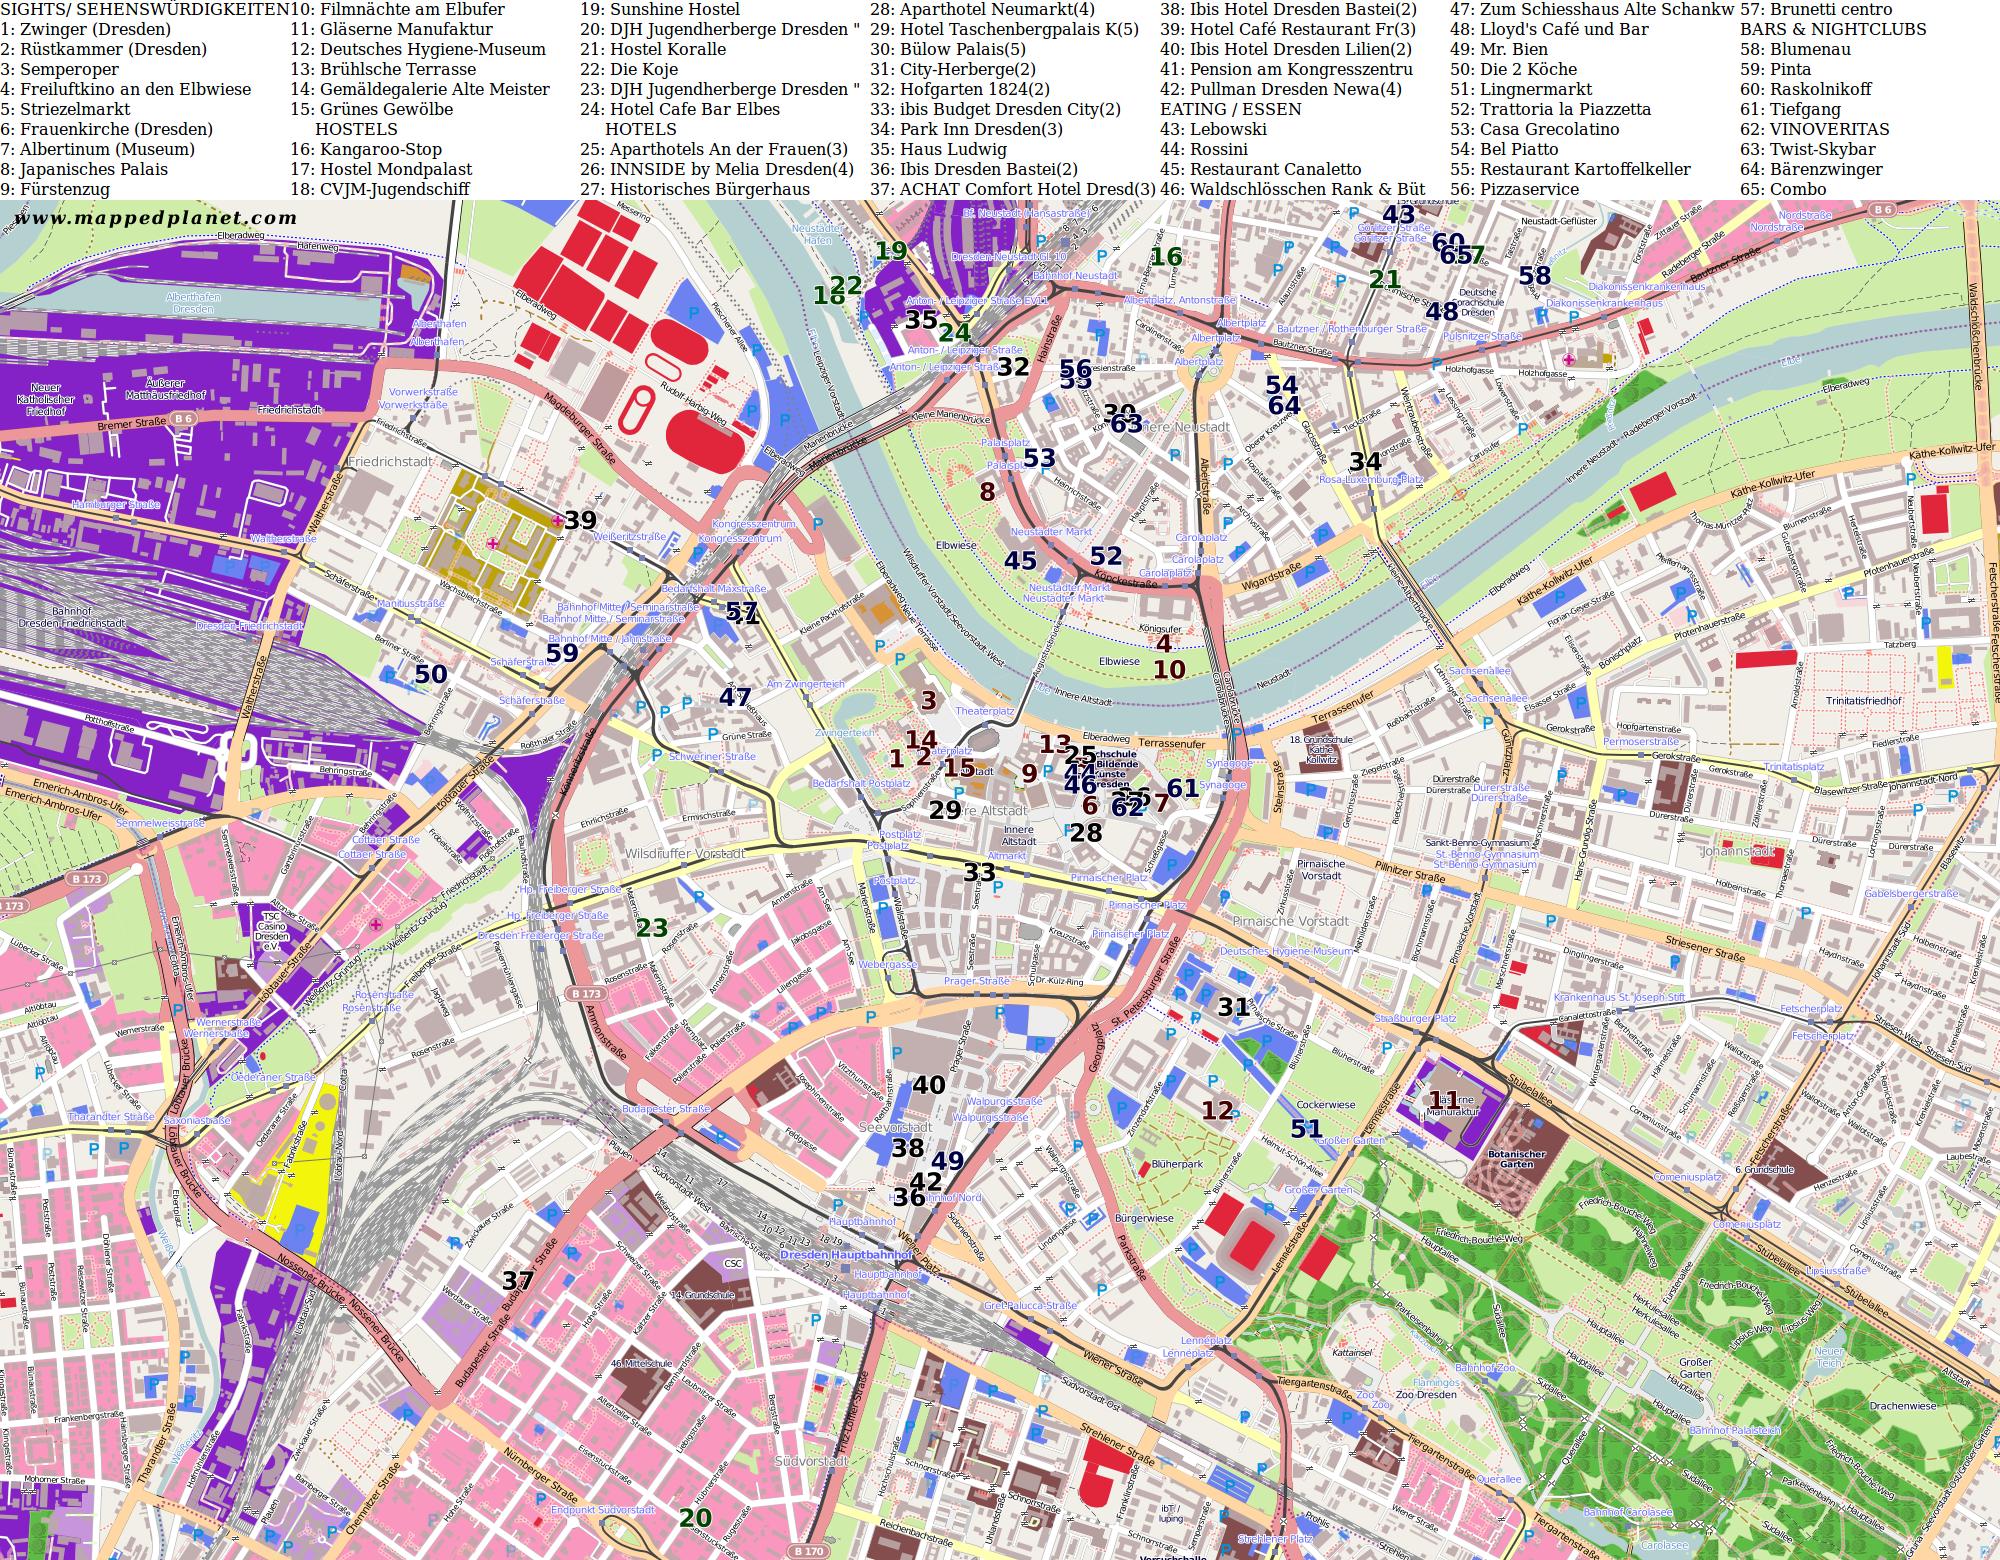 dresden interaktive karte Karten und Stadtpläne Dresden